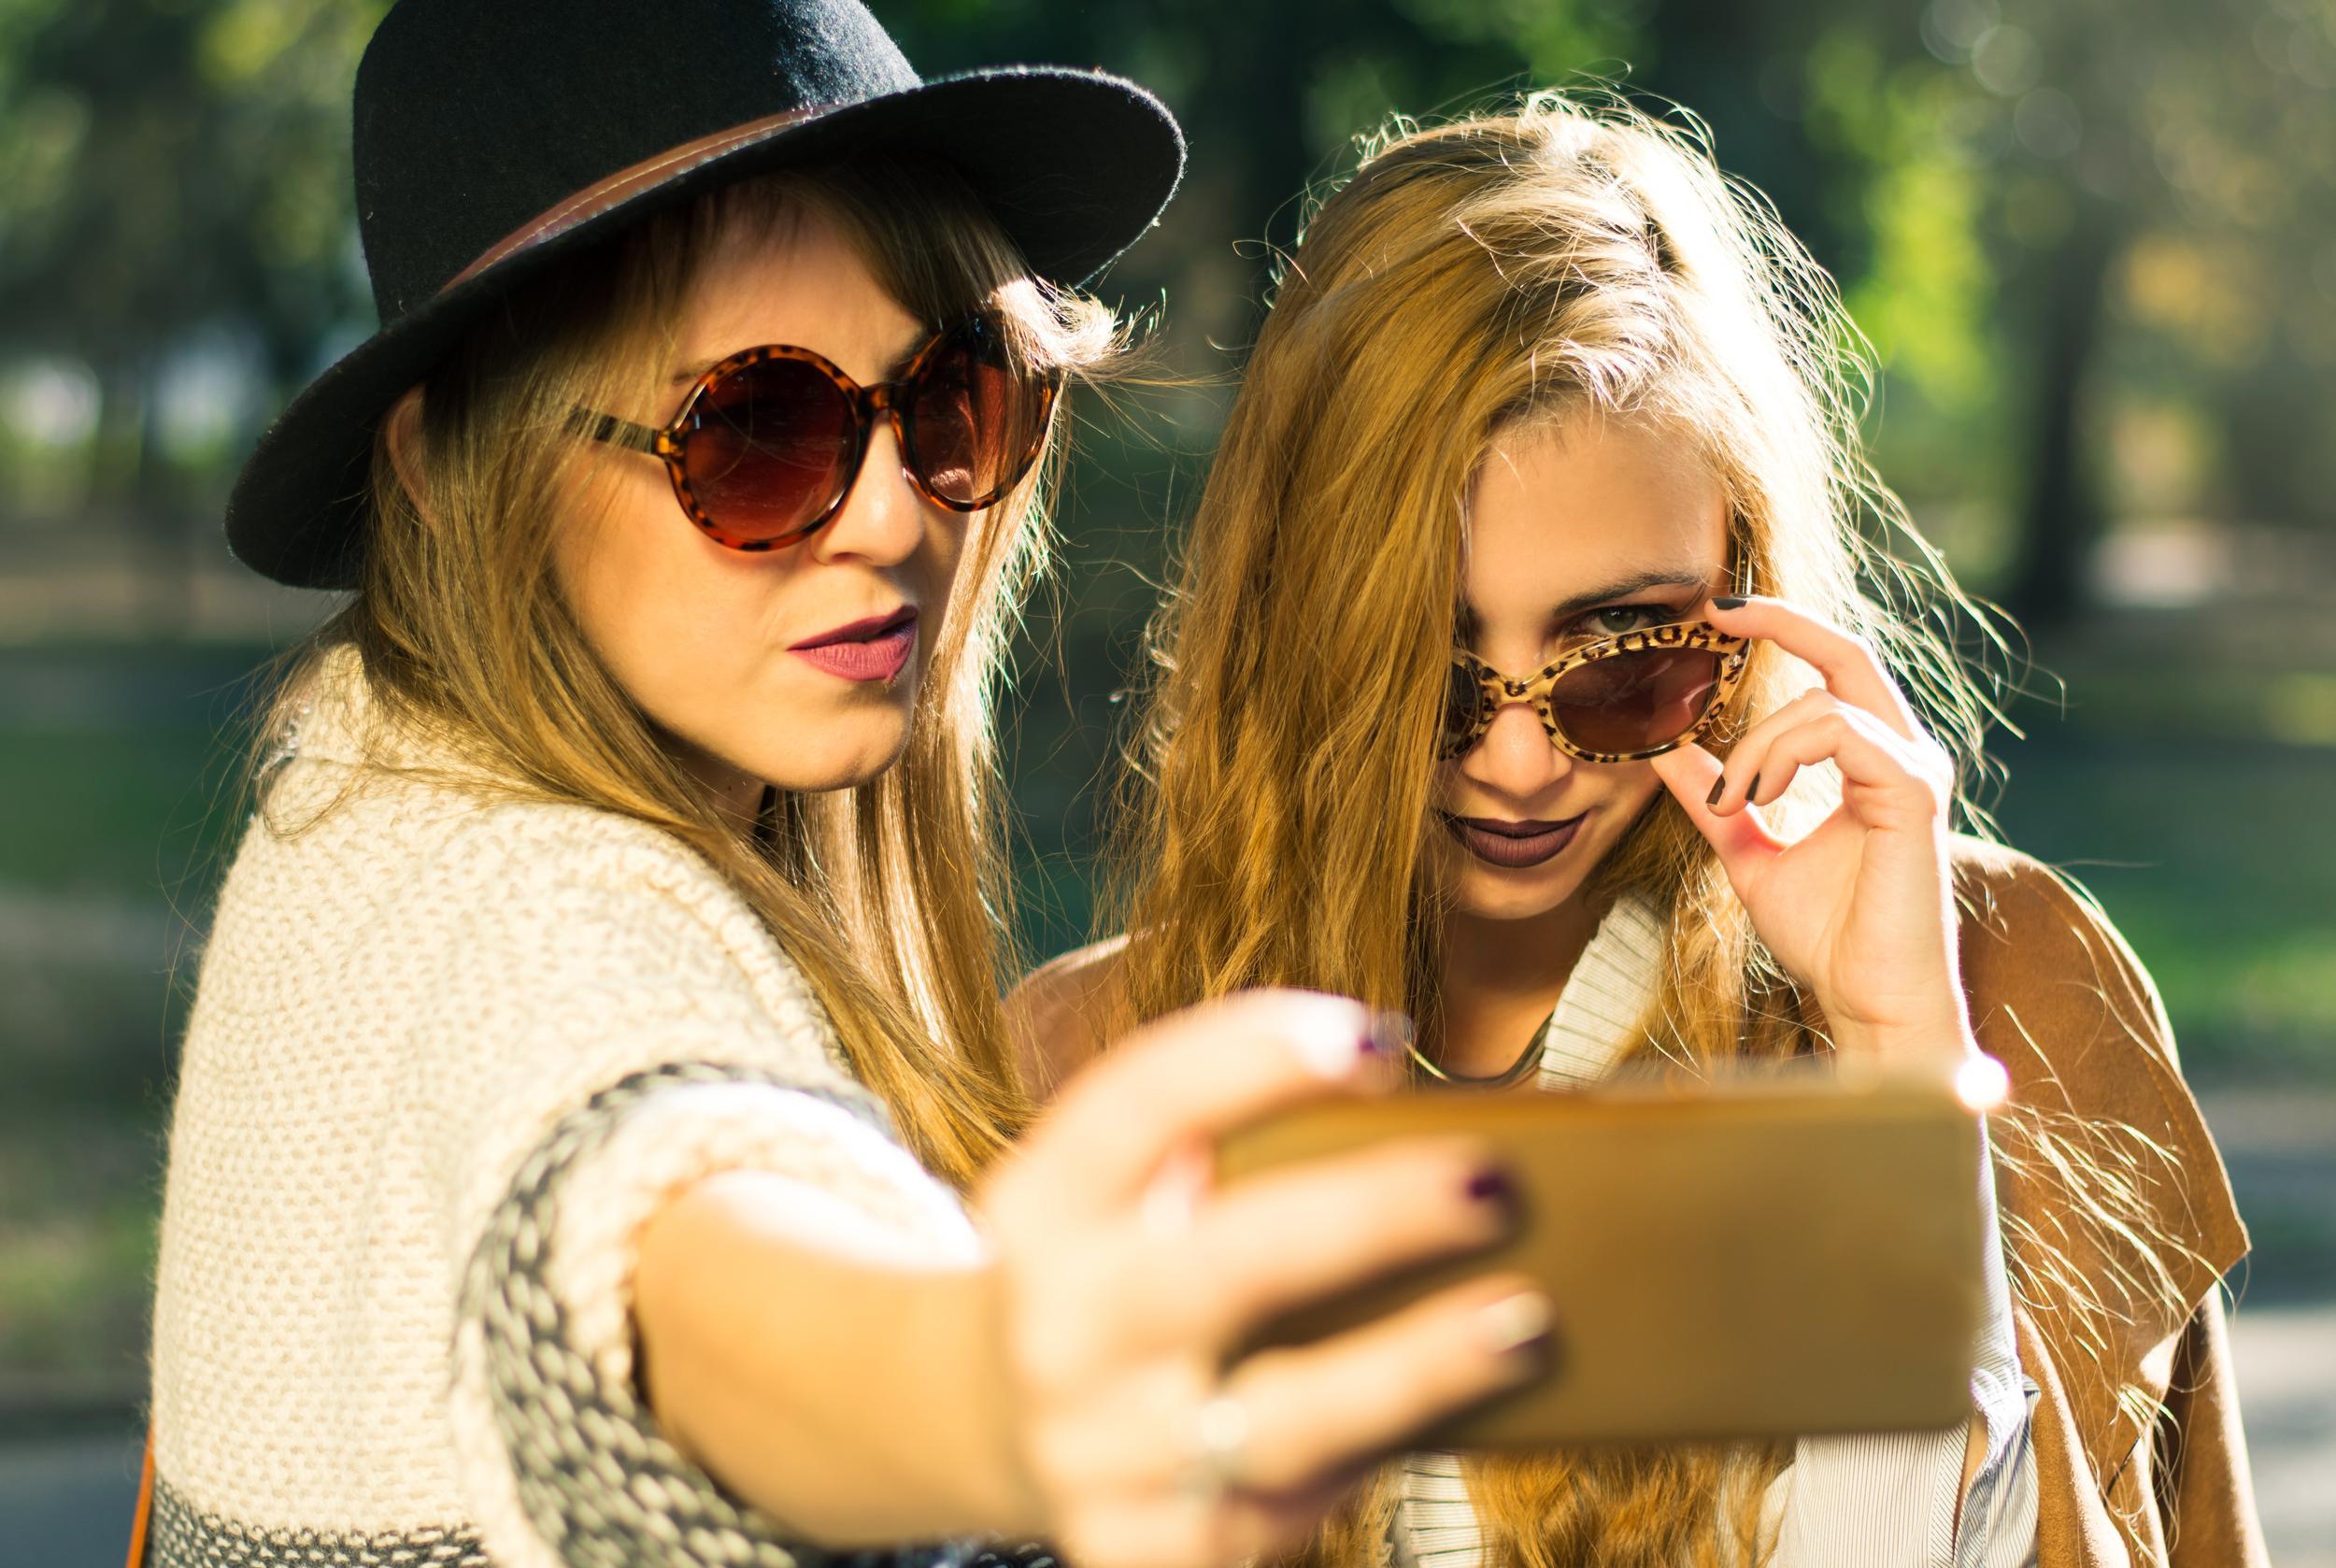 Friends taking selfie in the park